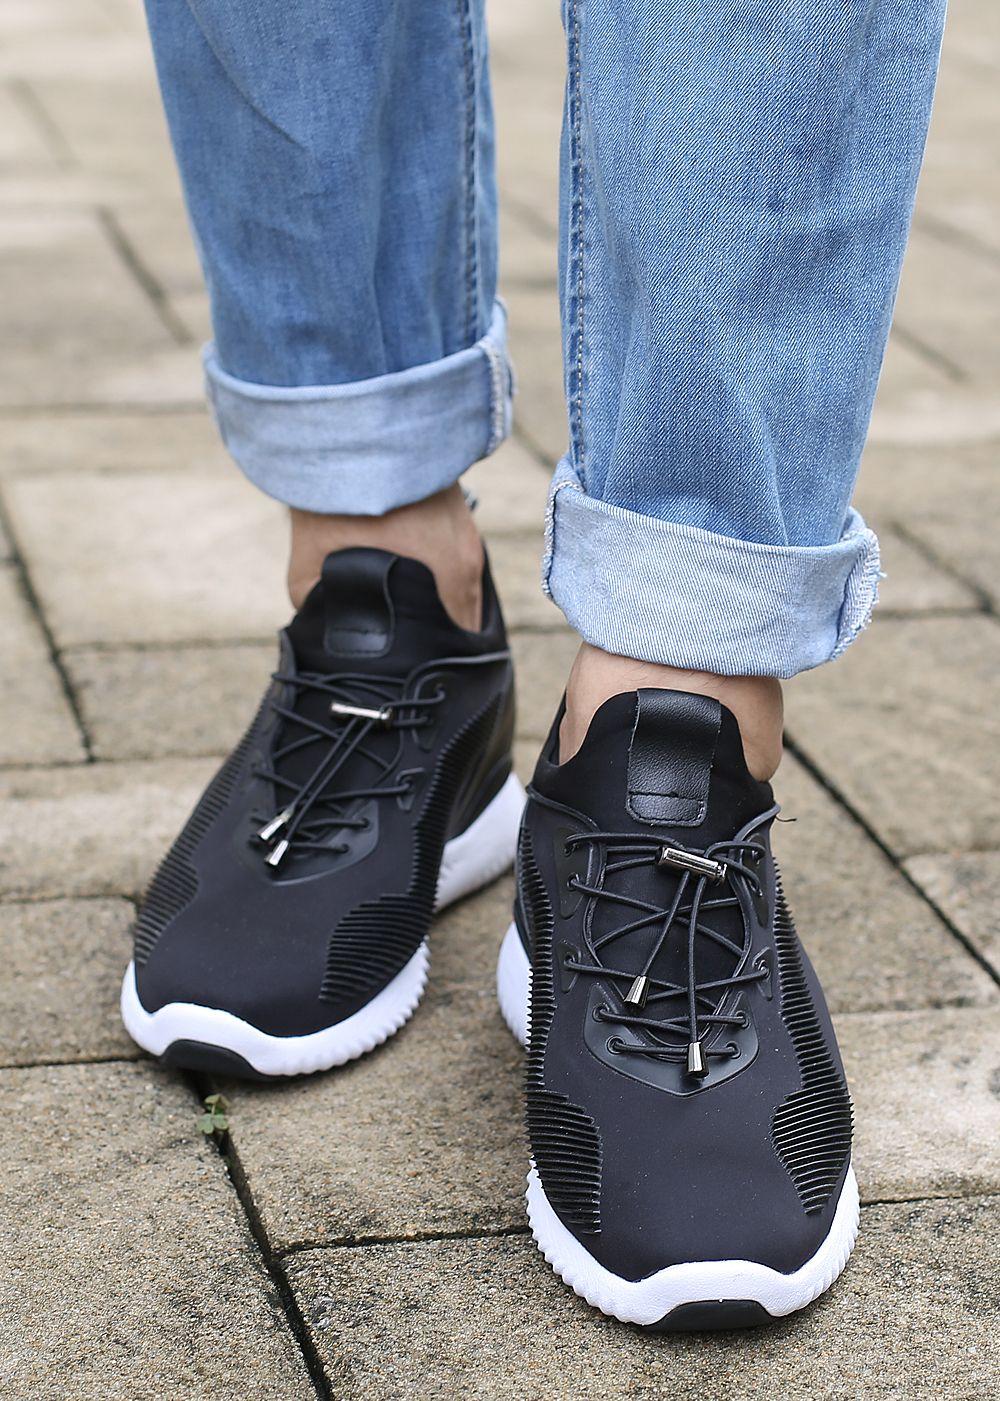 Sportowe Buty Meskie Podwyzszajace Wzrost O 7cm Sneakers Nike Nike Free Shoes